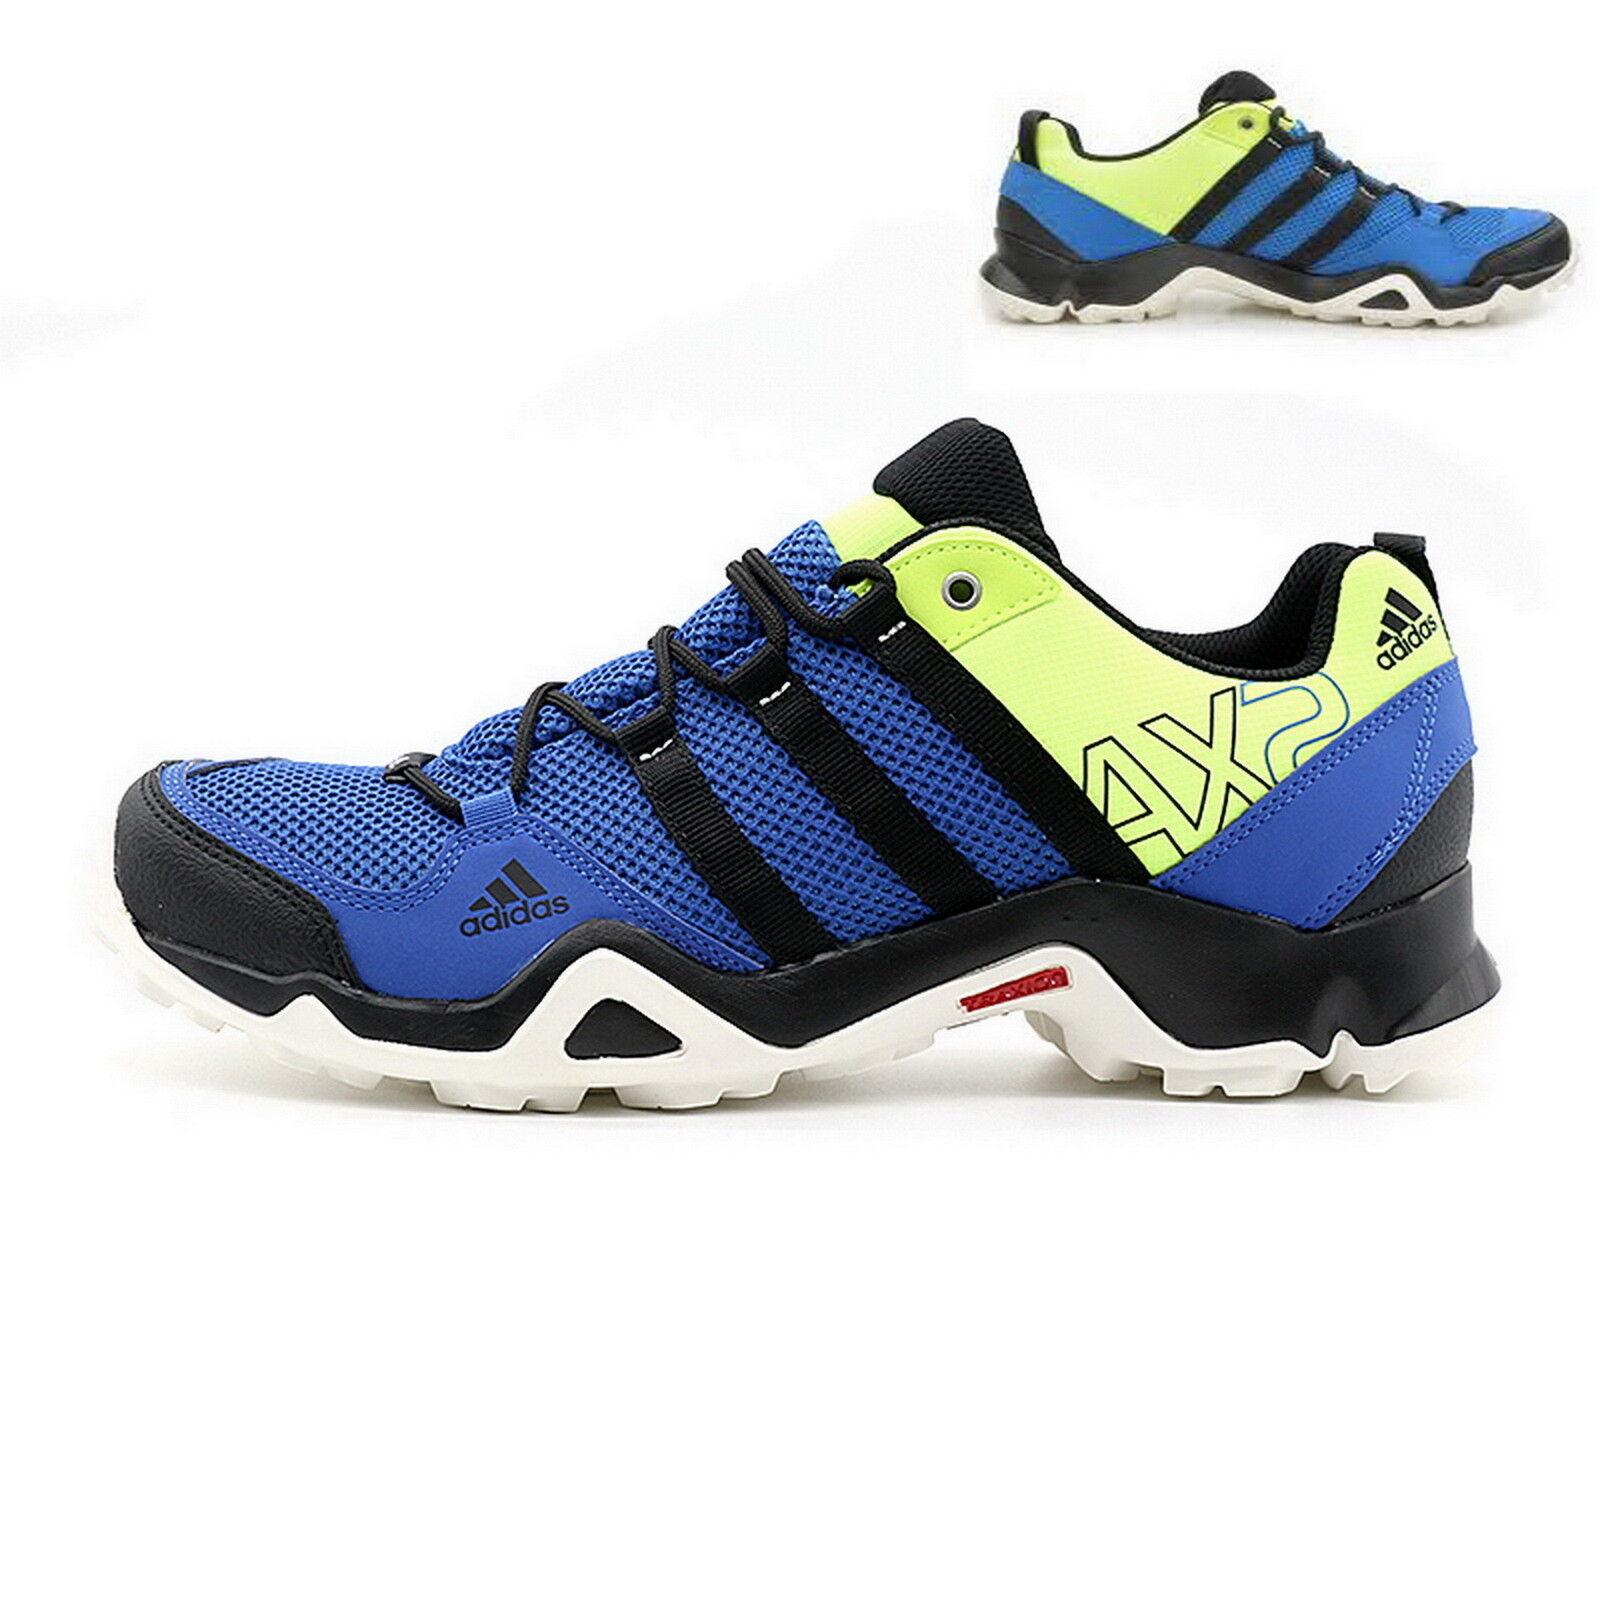 adidas AX2 Herren Wandern Sneakers Outdoor B33131